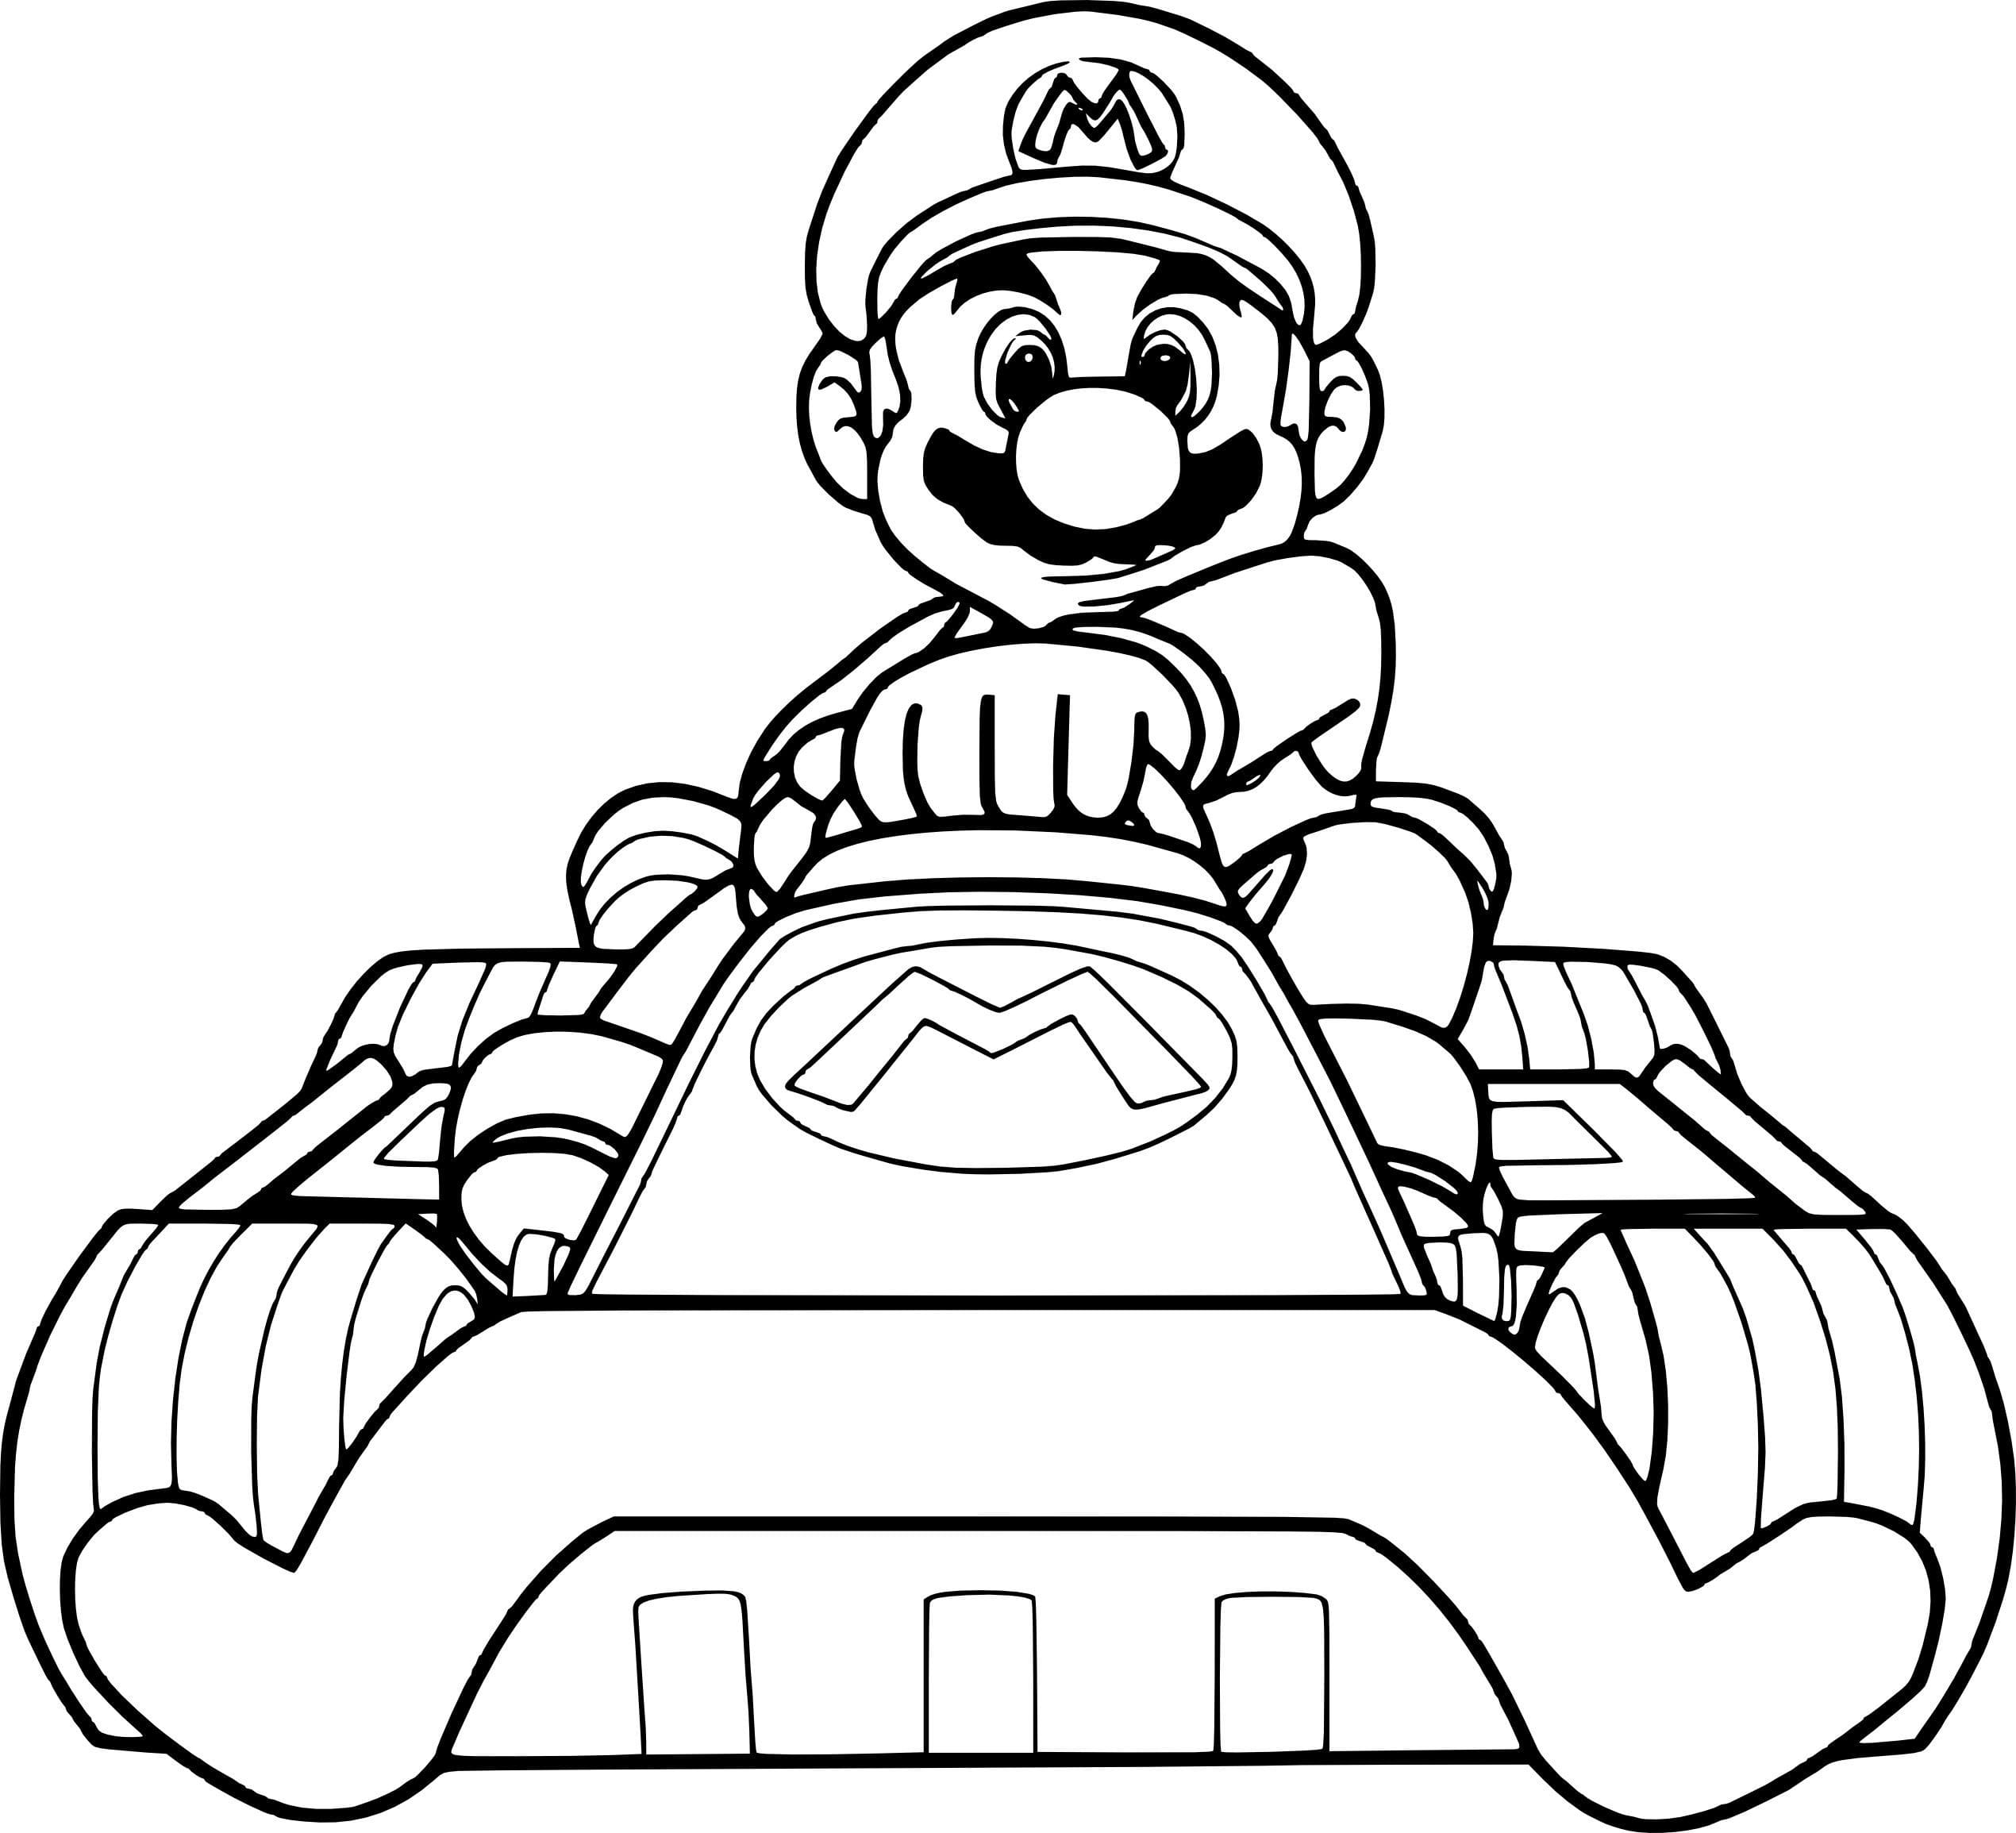 Ausmalbilder Mario Kart  22 Neue Malvorlagen Kostenlos zum Ausdrucken